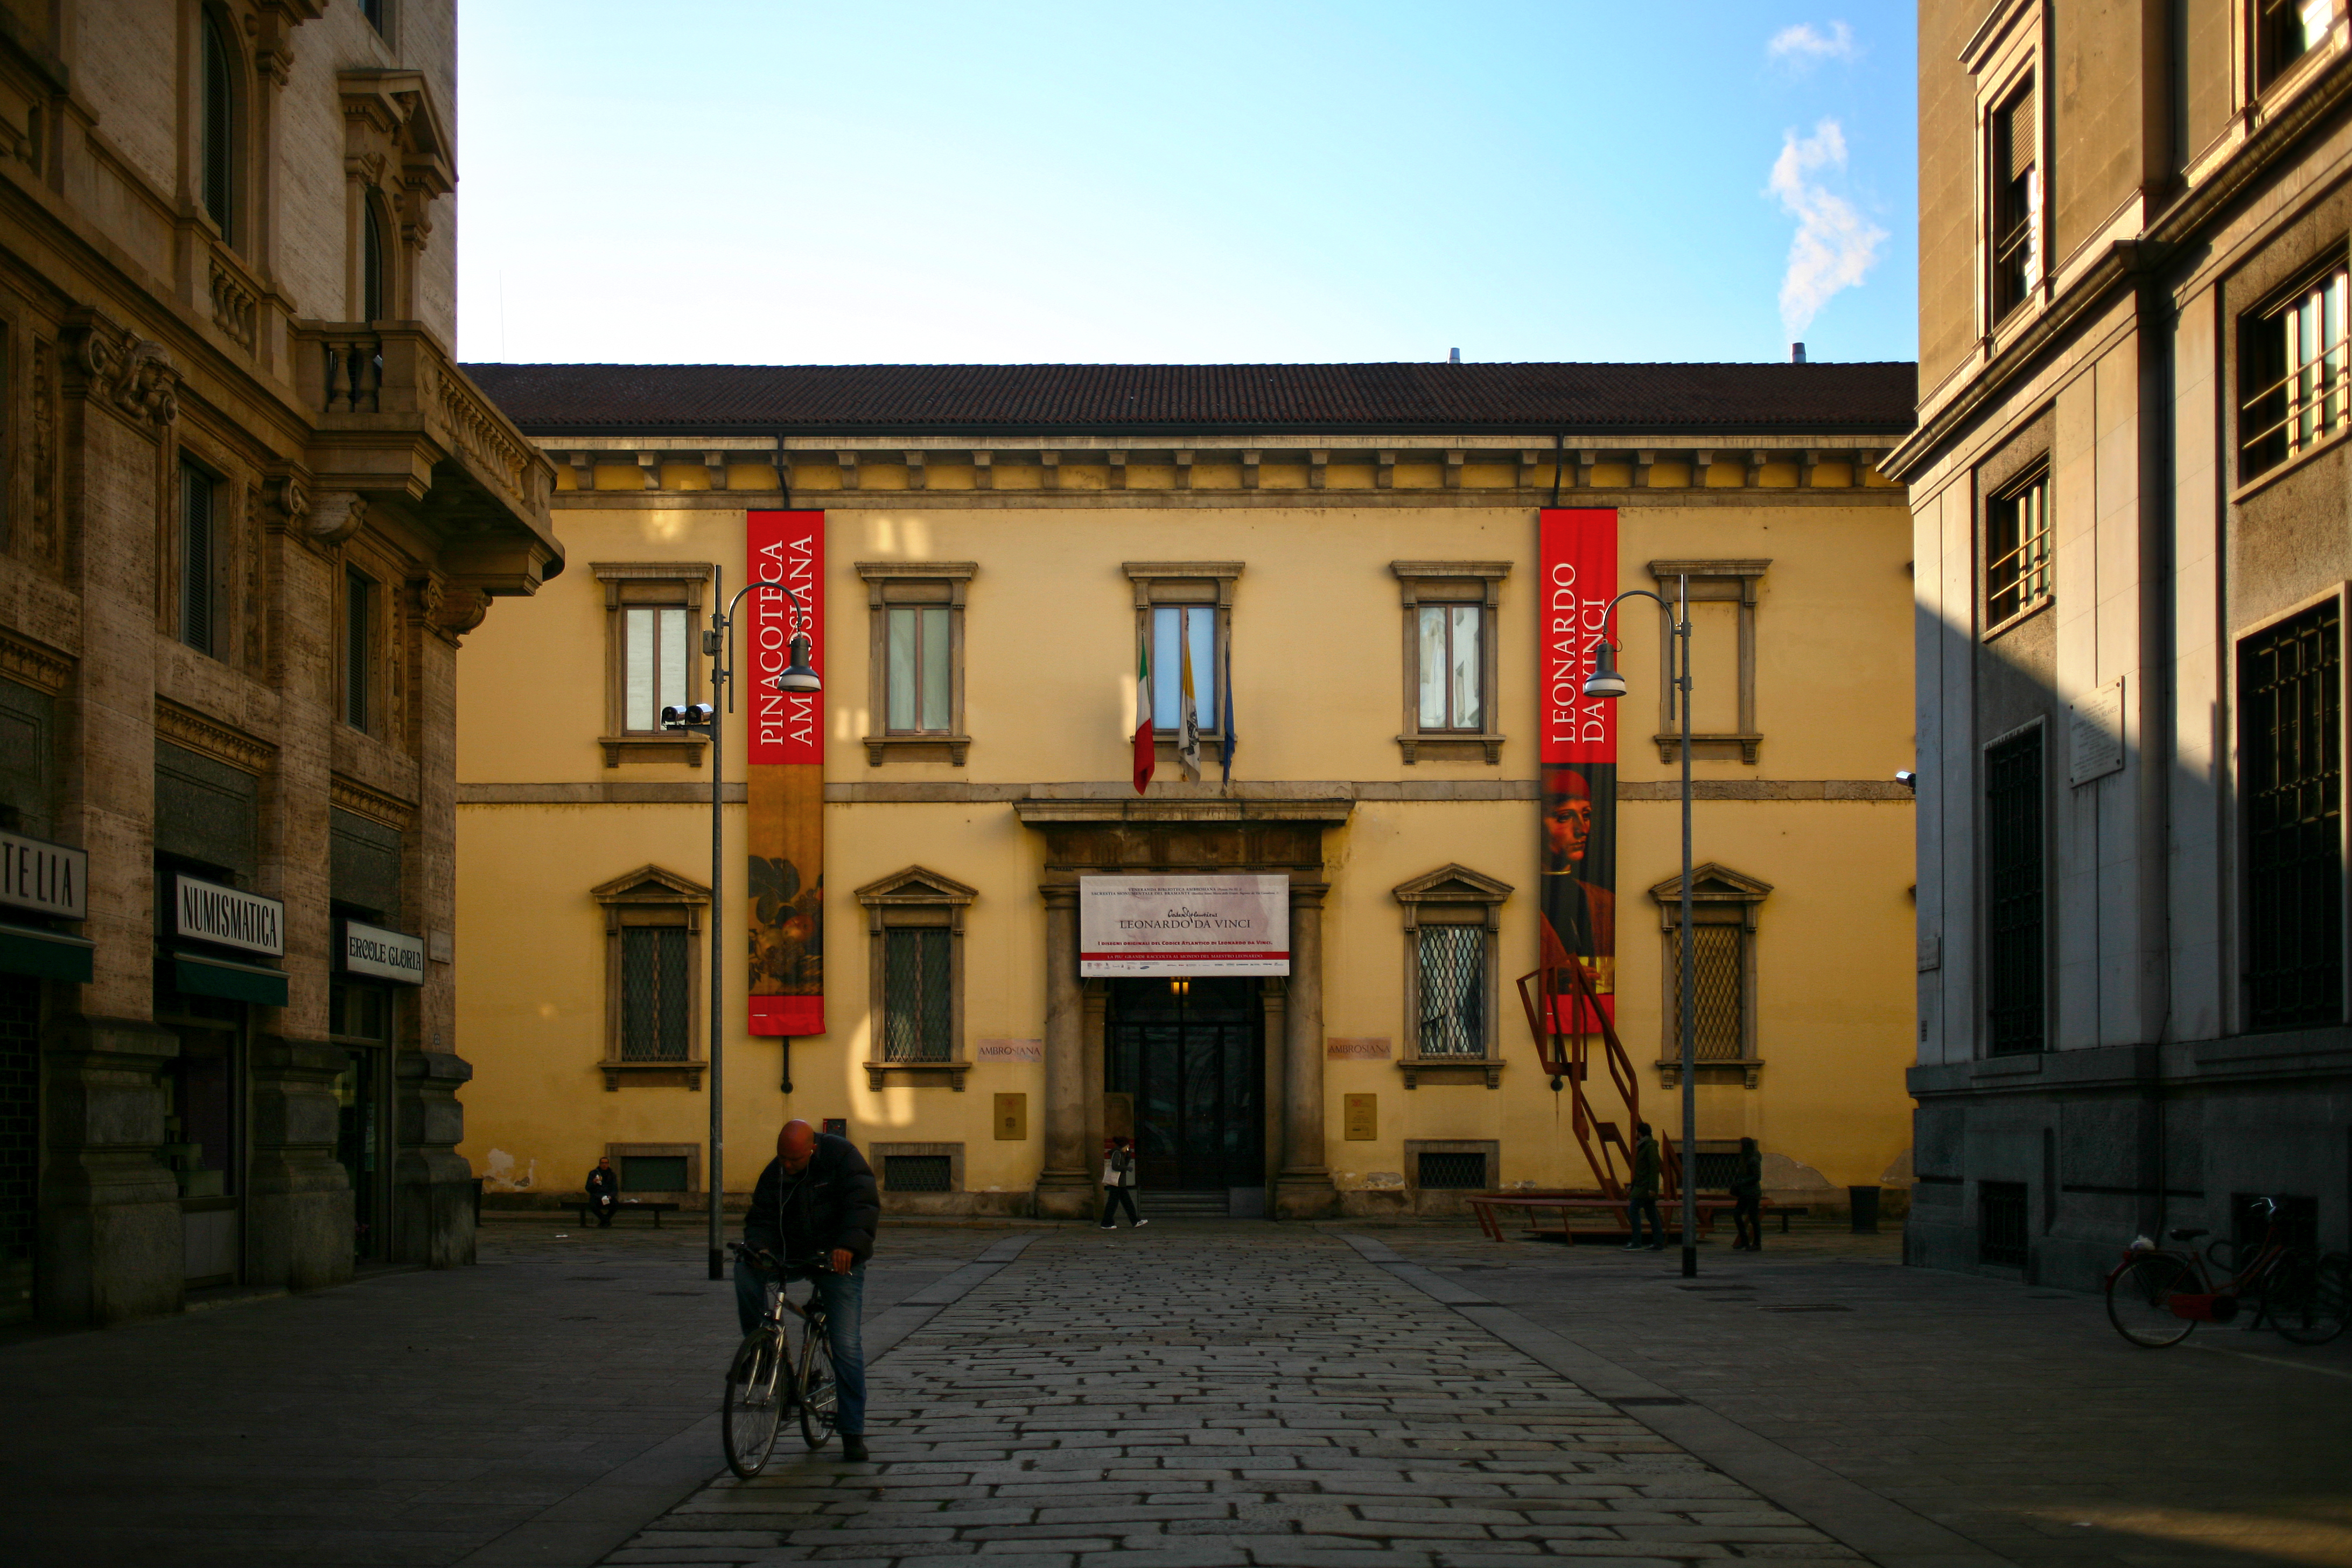 הספרייה האמברוזיאנית